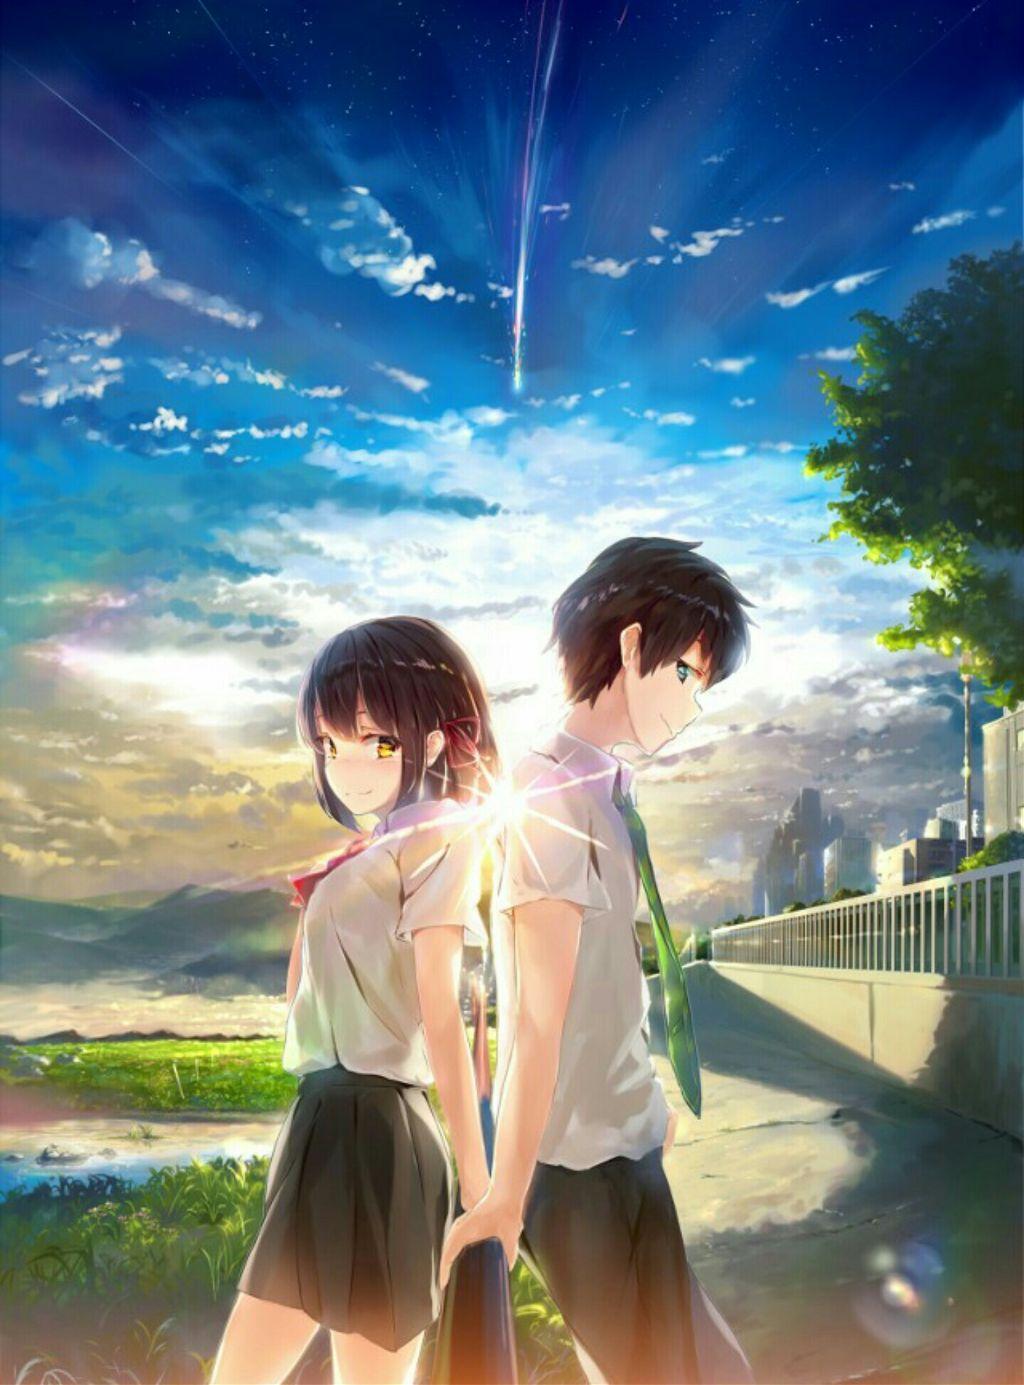 Anime animeboy animegirl girl boy love art digital